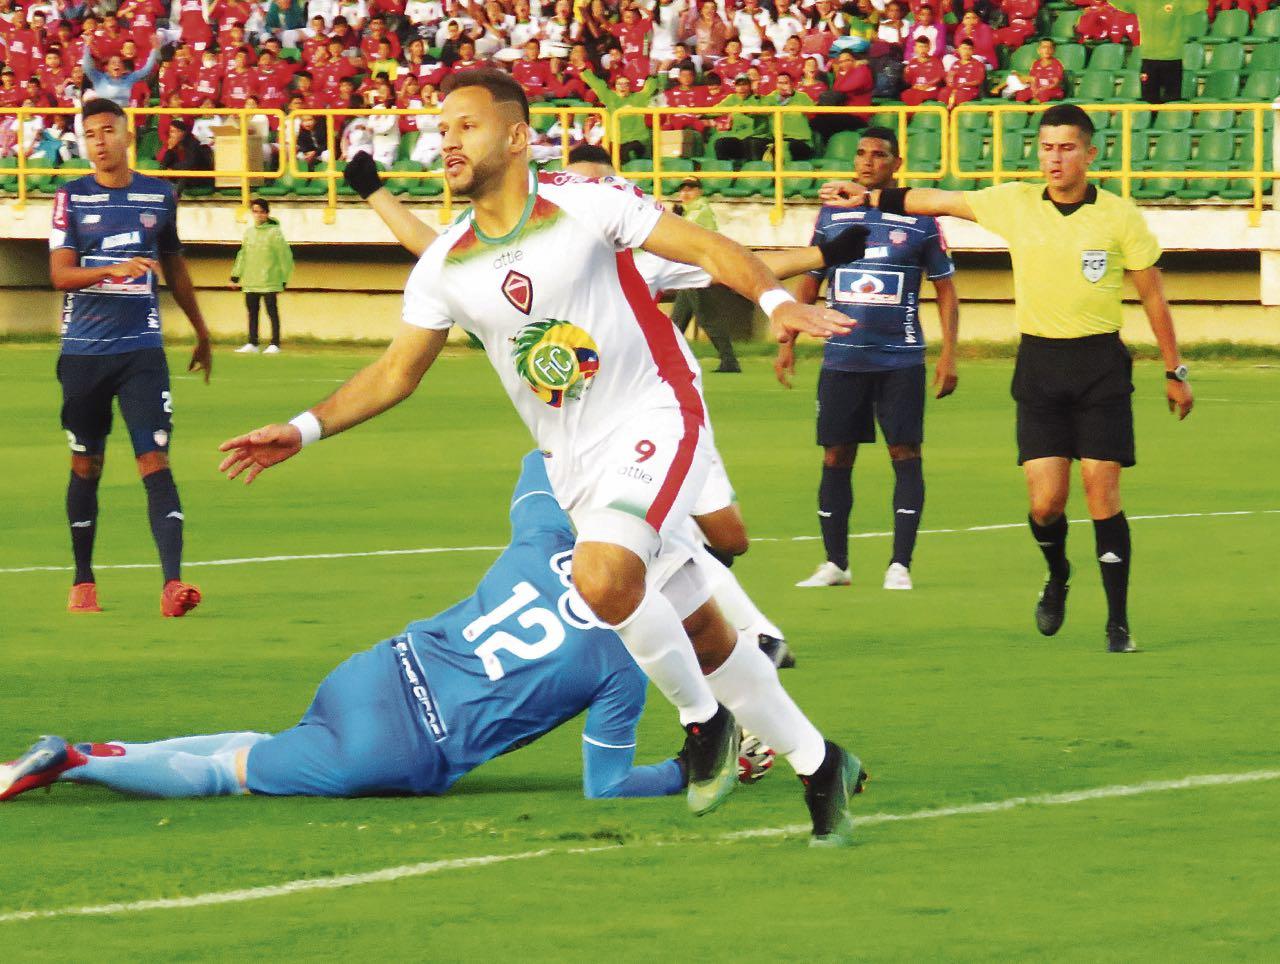 El atacante Brayan Fernández, quien marcó siete goles con Patriotas, jugará en 2020 con Rionegro Águilas.